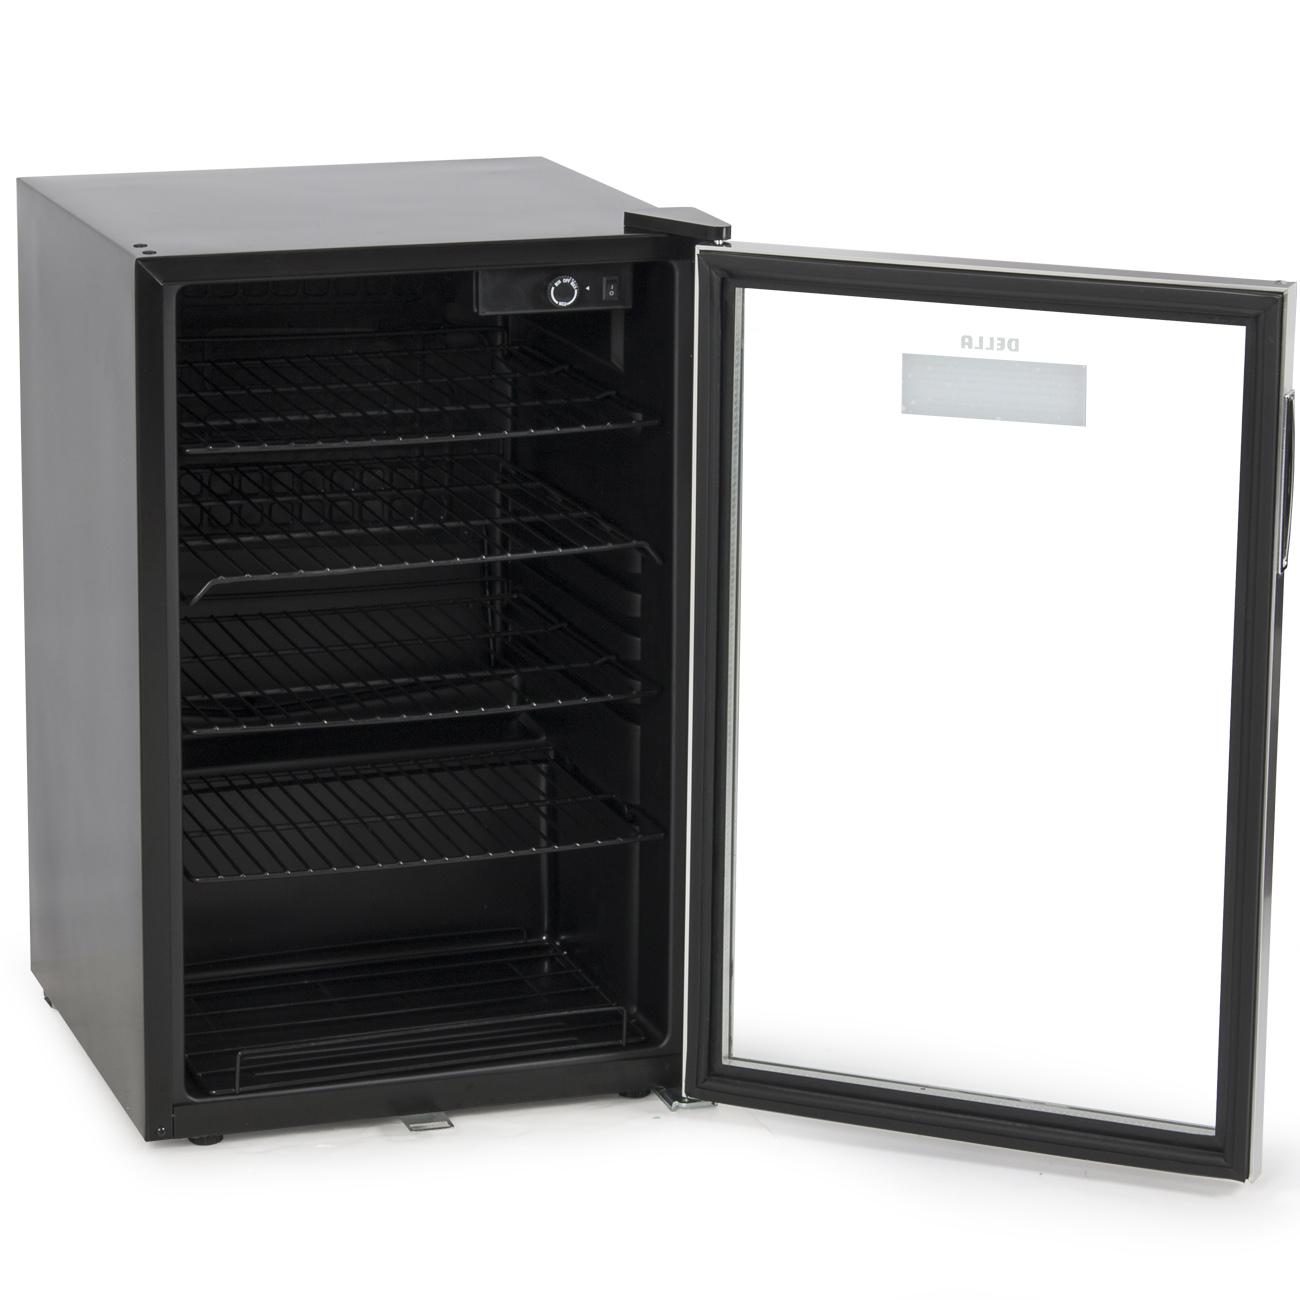 beverage mini refrigerator wine soda beer water drinks bar cooler fridge stand 749628675558 ebay. Black Bedroom Furniture Sets. Home Design Ideas